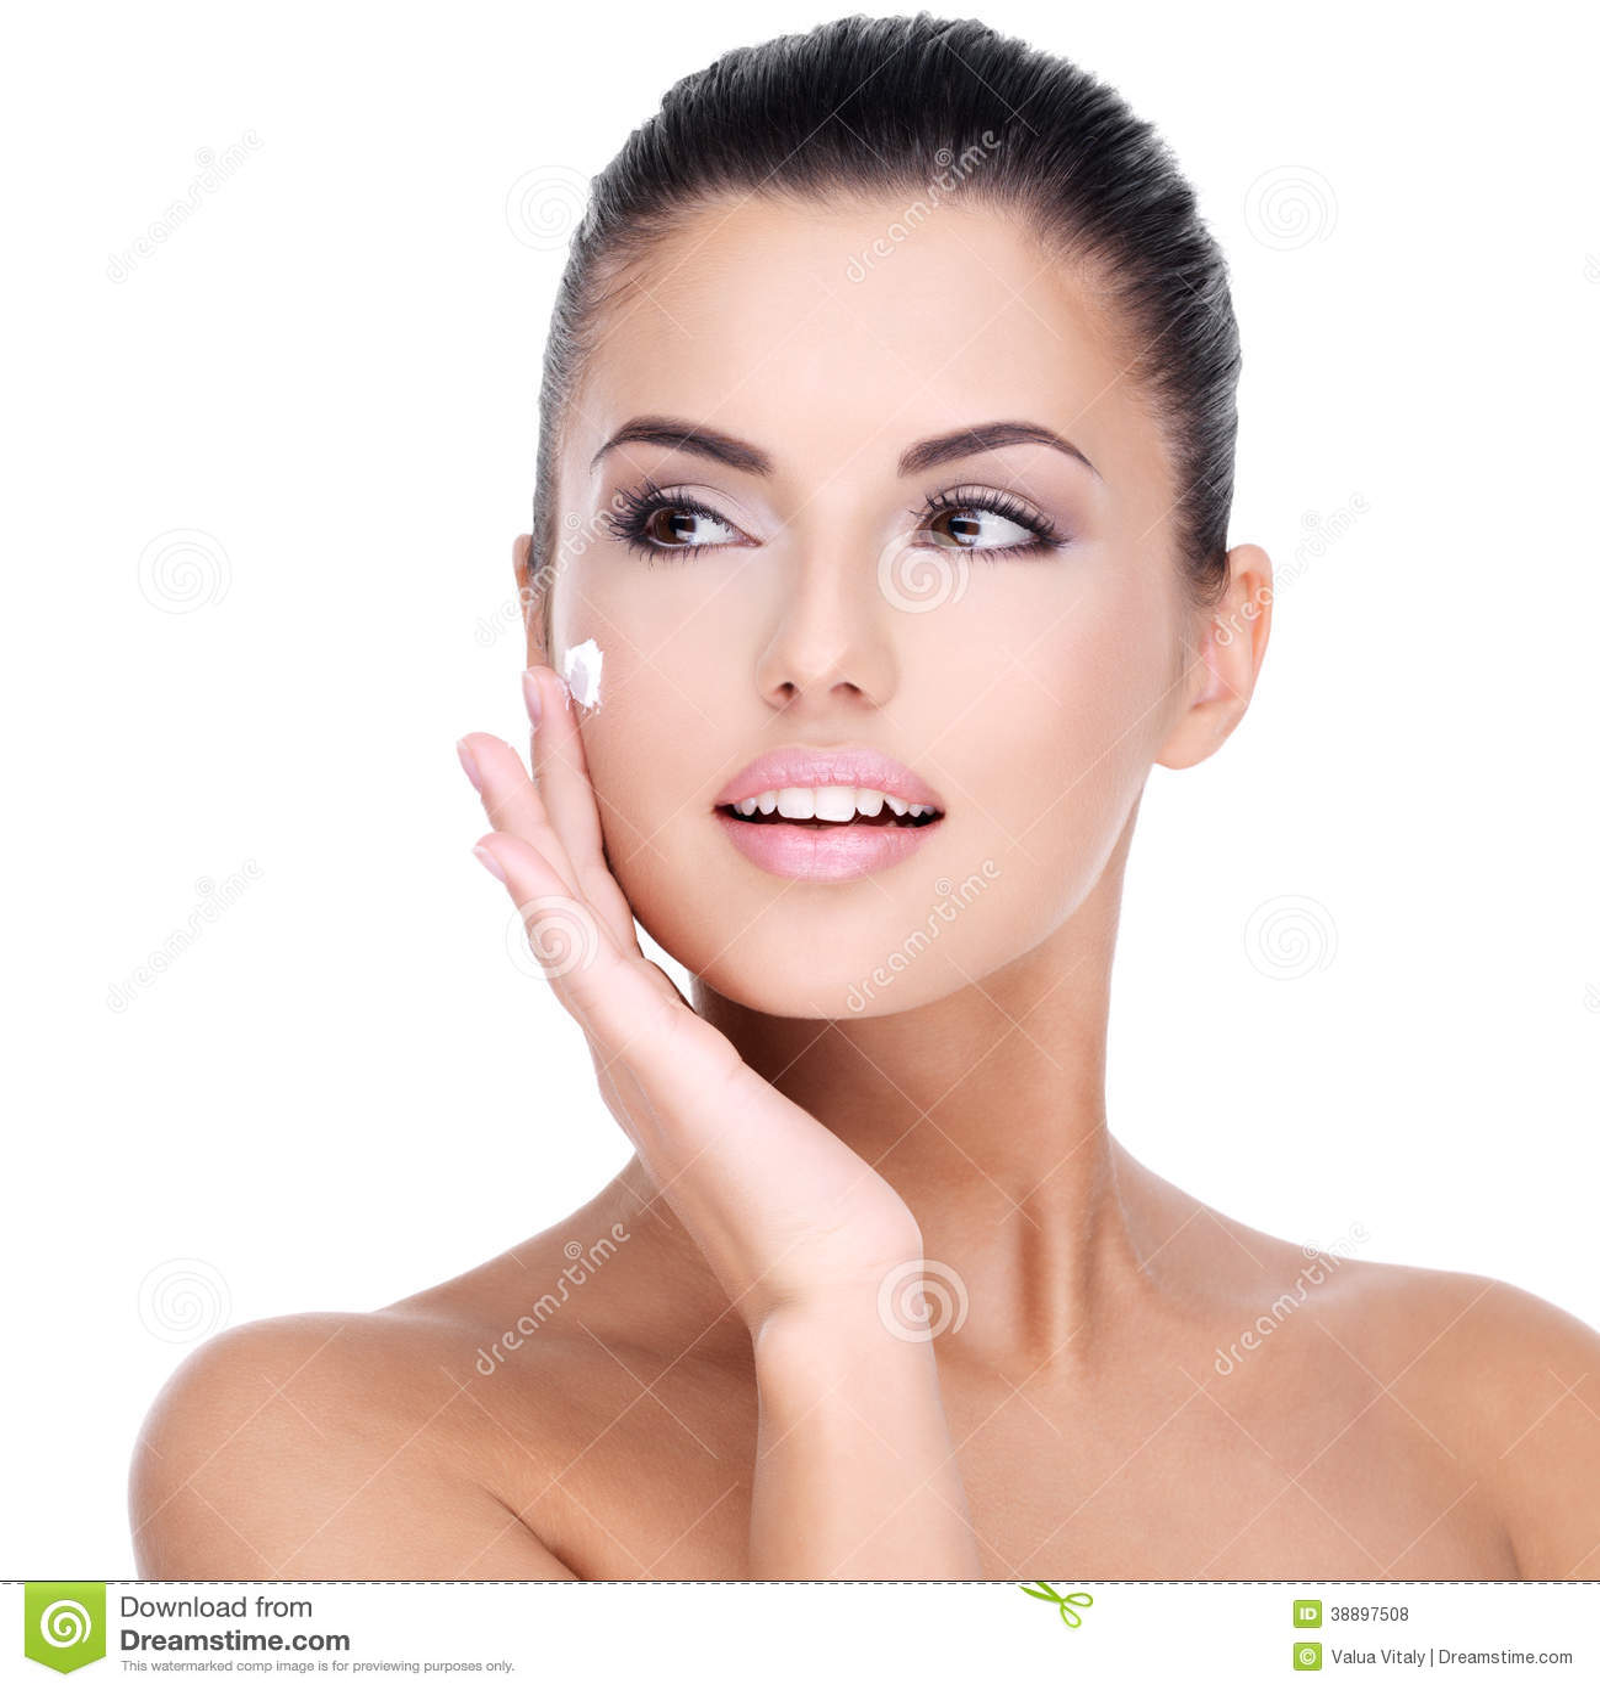 Women Facial 61